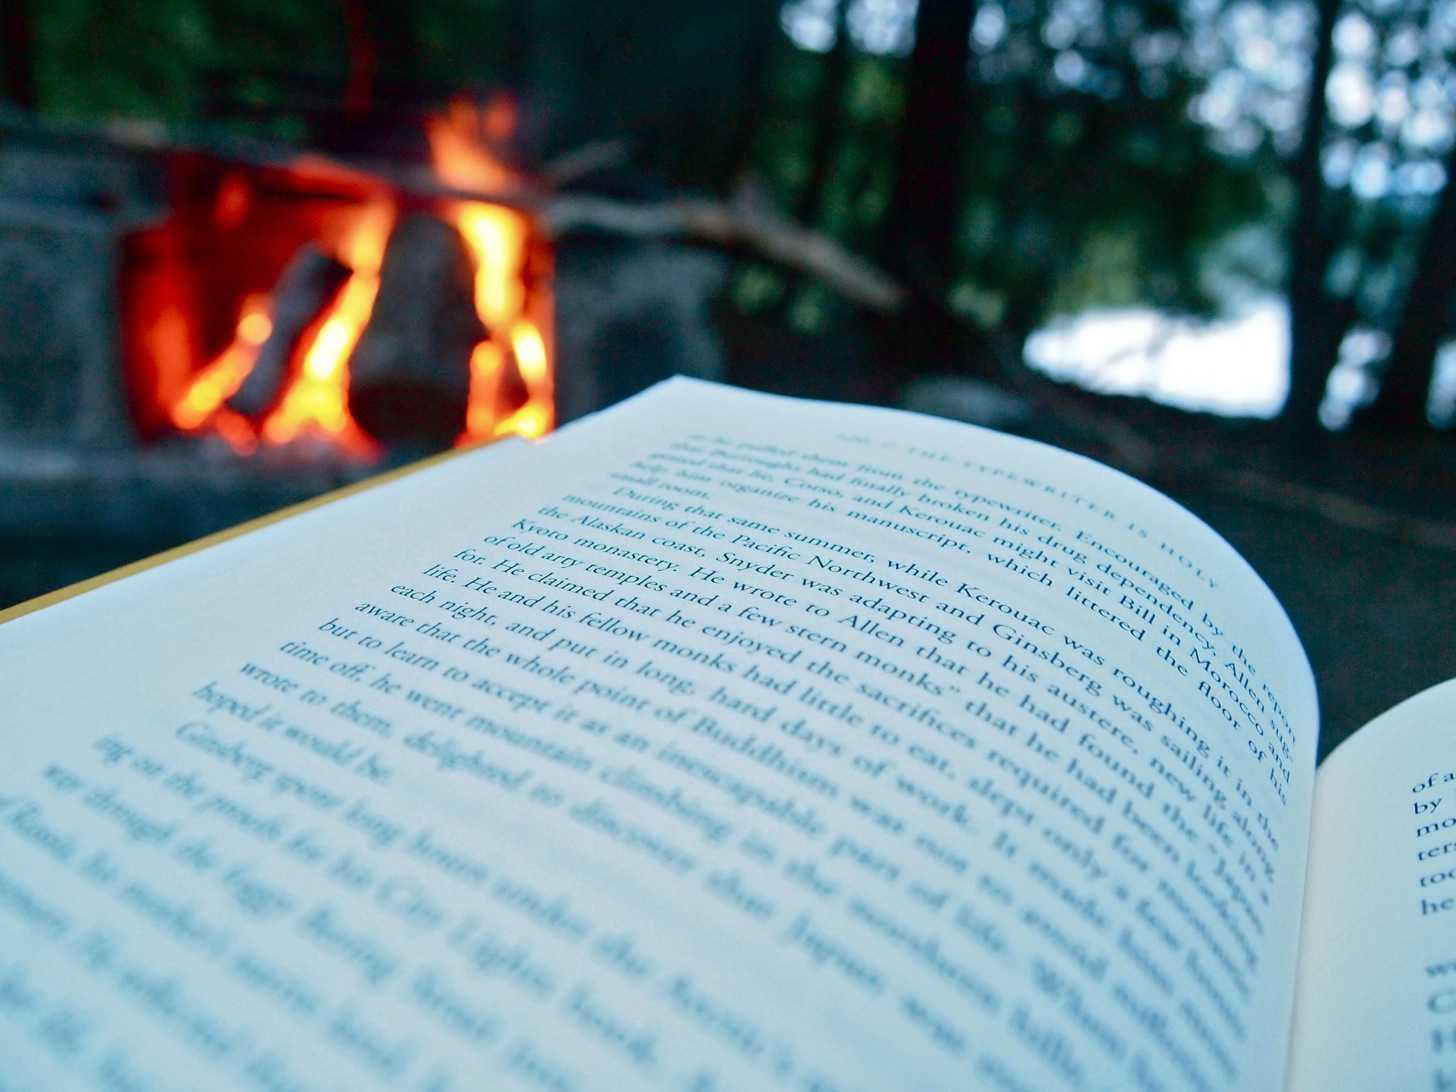 読書嫌いな人はiPhoneで読んでみるといいとおもうよ。